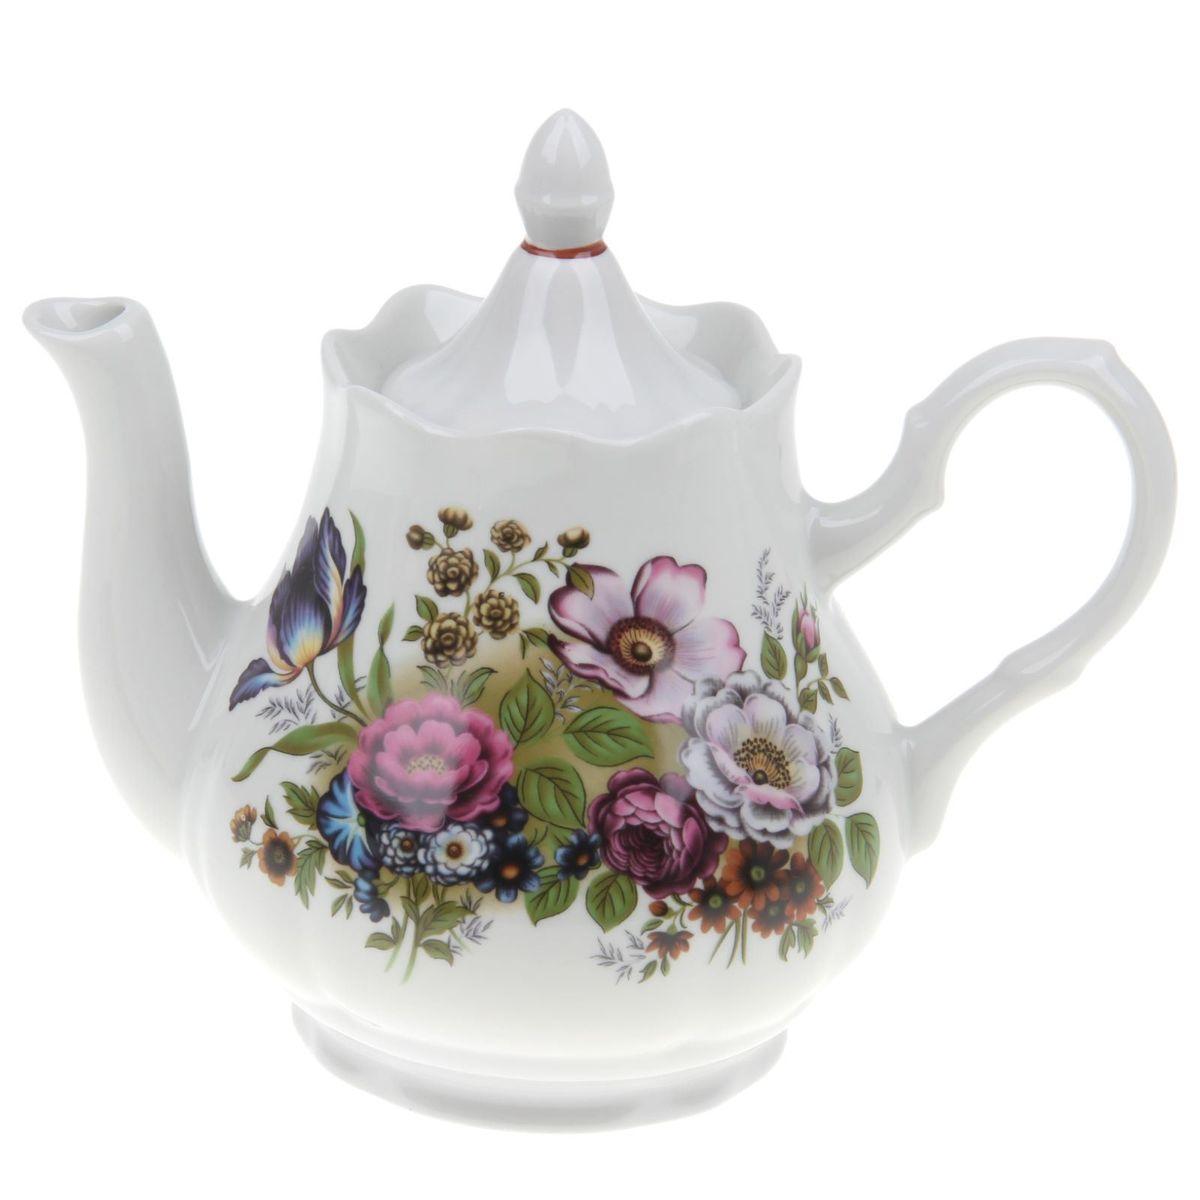 Чайник Романс. Букет цветов, 1,75 л1303769Заварочный чайник Романс. Букет цветов изготовлен из высококачественного фарфора. Посудаоформлена ярким рисунком. Такой чайник идеально подойдет для заваривания чая. Он хорошо держит температуру, что способствует более полному раскрытию цвета, аромата и вкуса чайного букета. Изделие прекрасно дополнит сервировку стола к чаепитию и станет его неизменным атрибутом.Объем: 550 мл. Диаметр (по верхнему краю): 9,6 см. Диаметр основания: 6,2 см.Высота чайника (без учета крышки): 10 см.